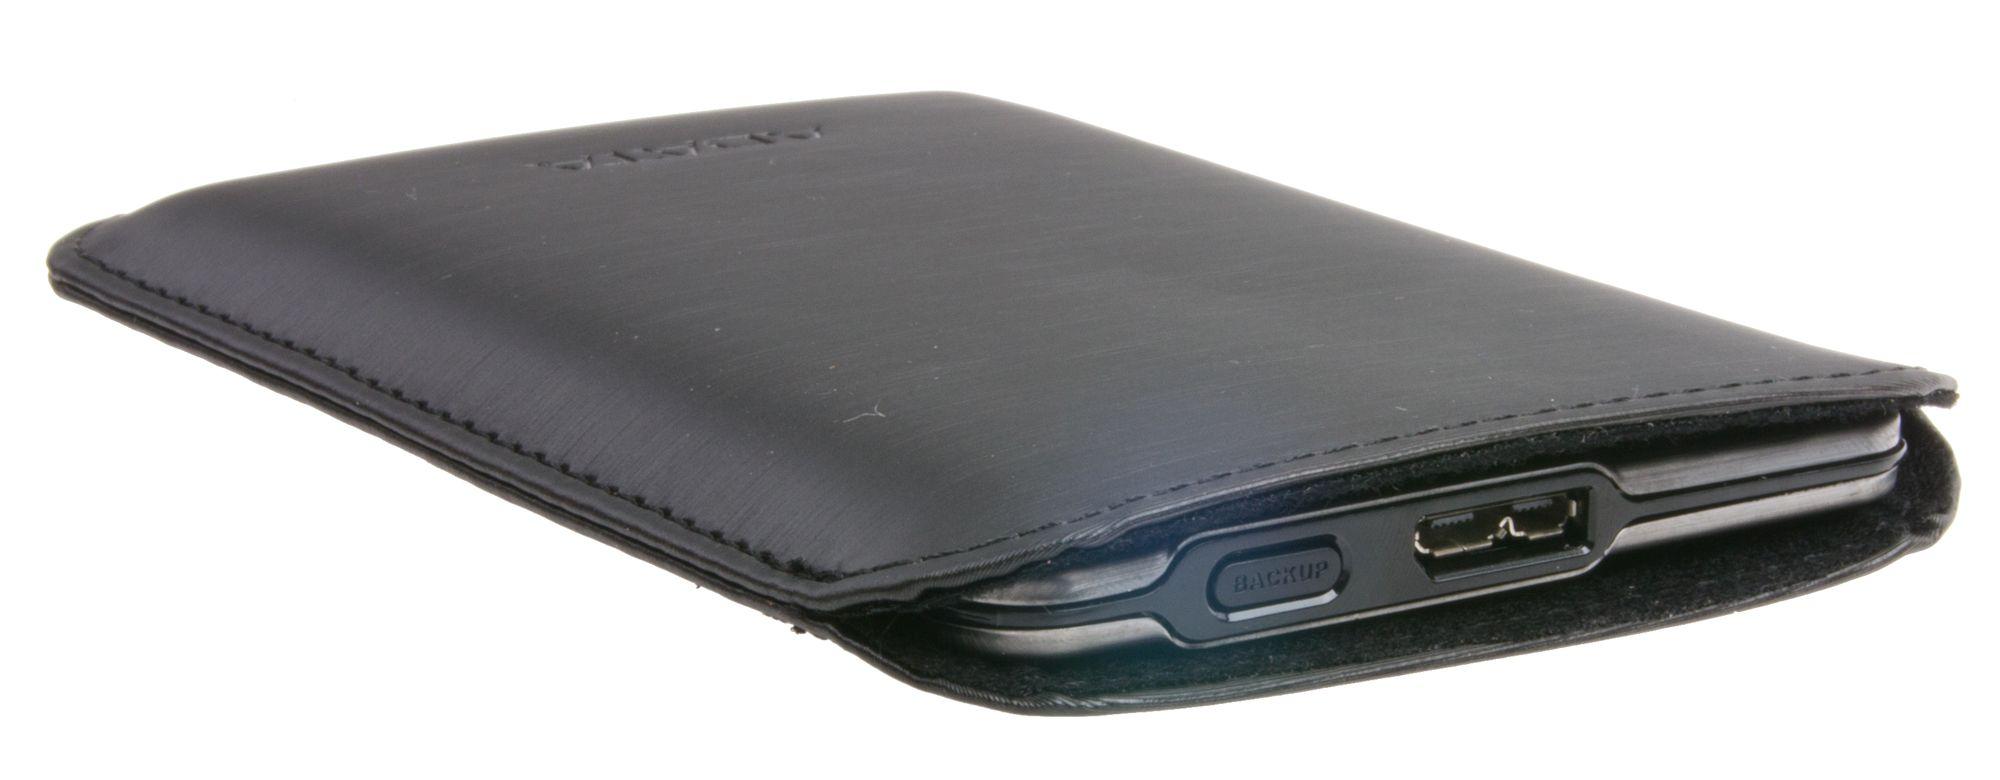 Inne i etuiet ligger SSD-en med god beskyttelse.Foto: Rolf B. Wegner, Hardware.no